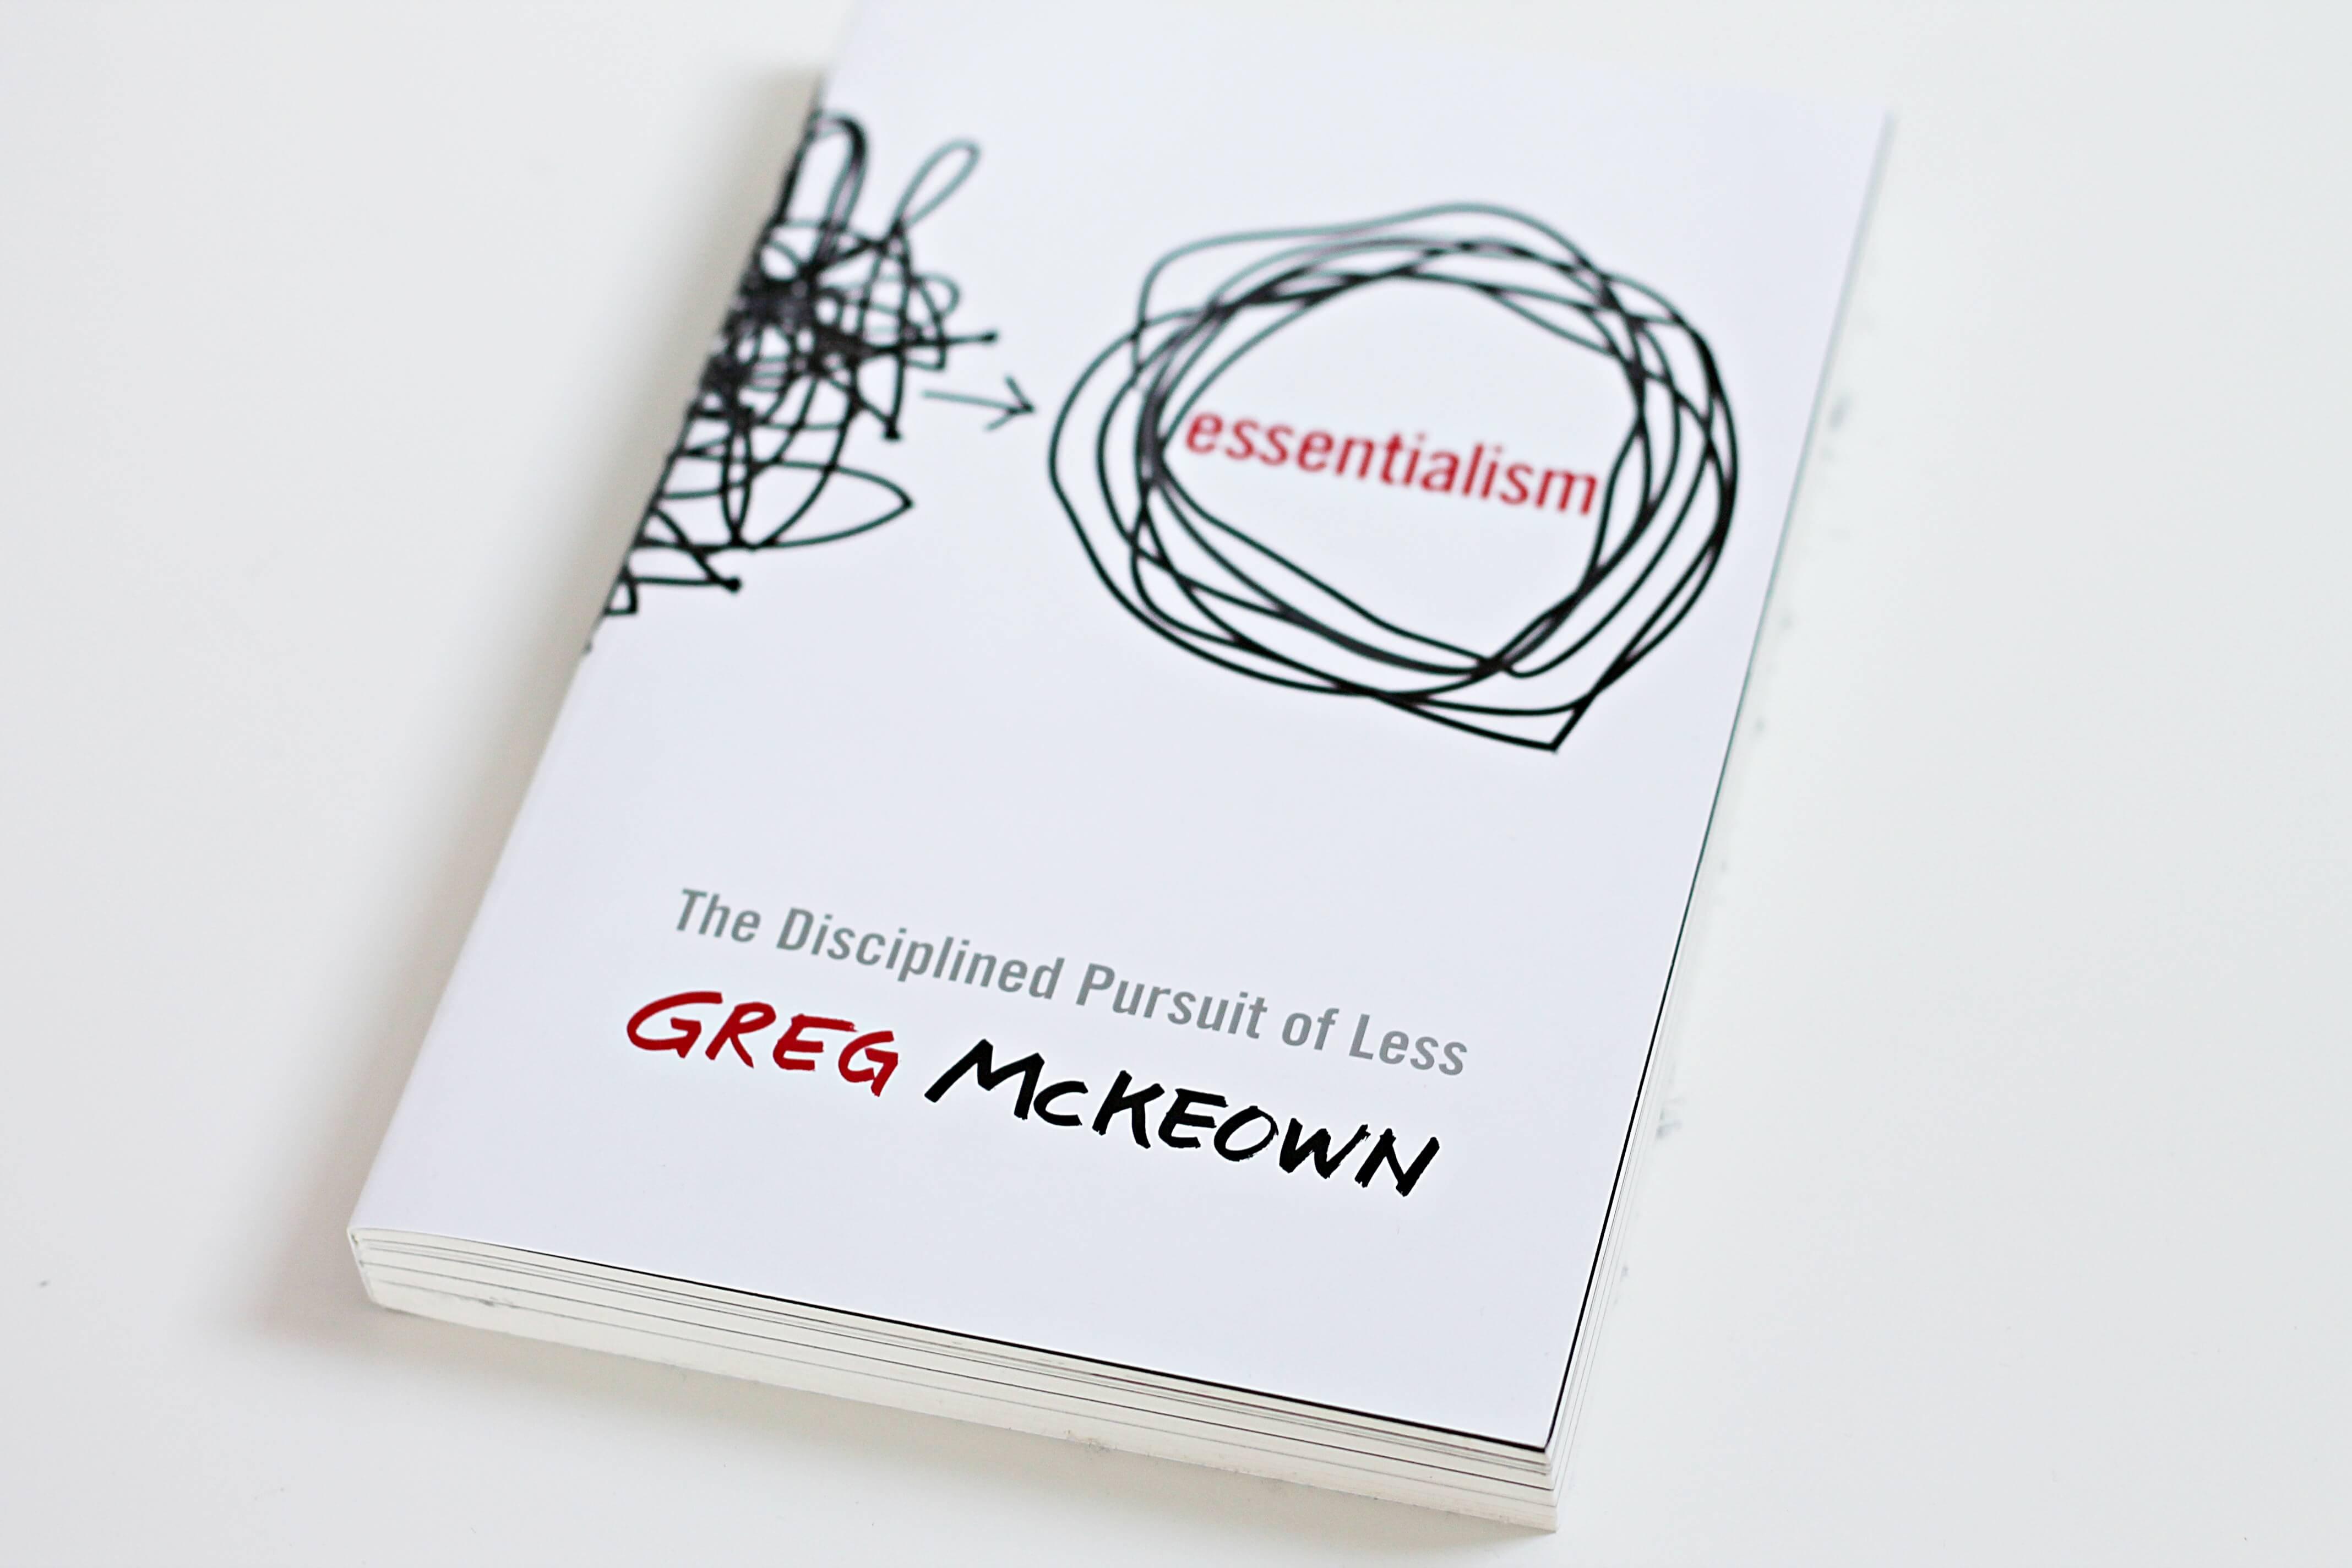 greg-mckeown-essentialism-buchtipps-fithealthydi